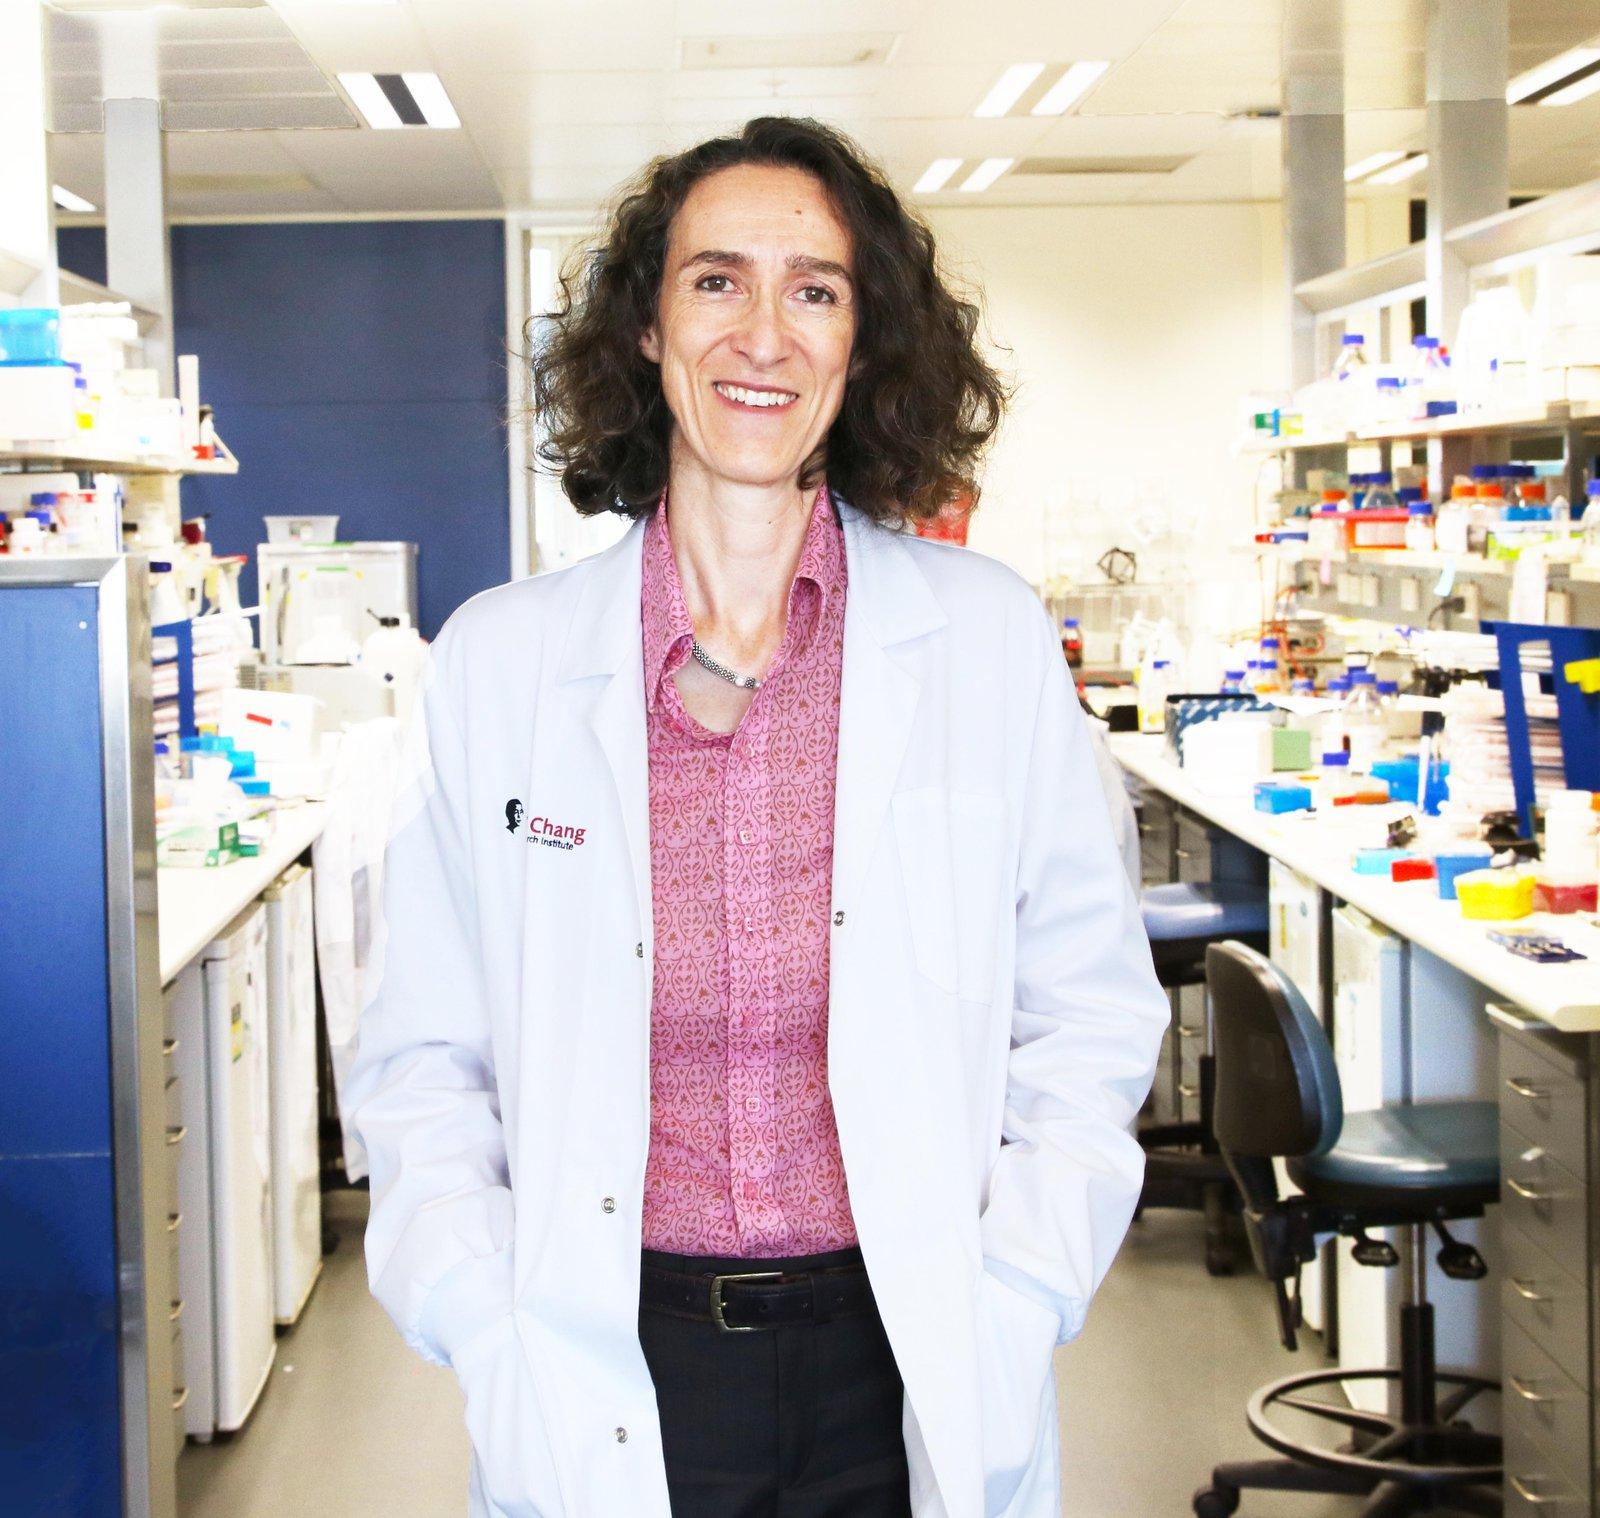 2018 UNSW Eureka Prize for Scientific Research Finalist